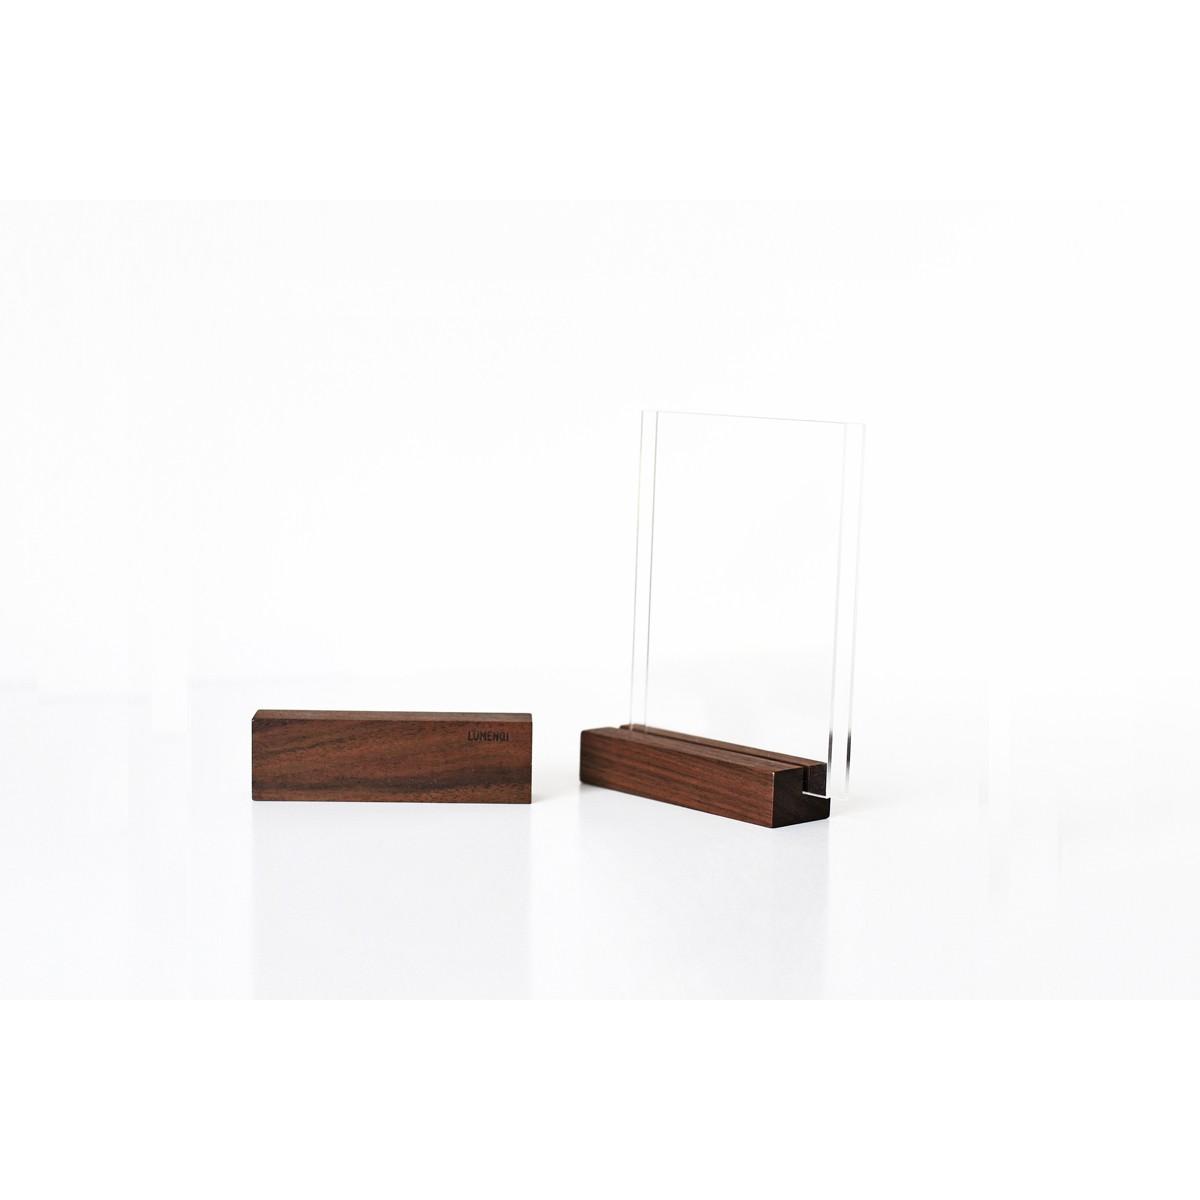 Design Tischaufsteller